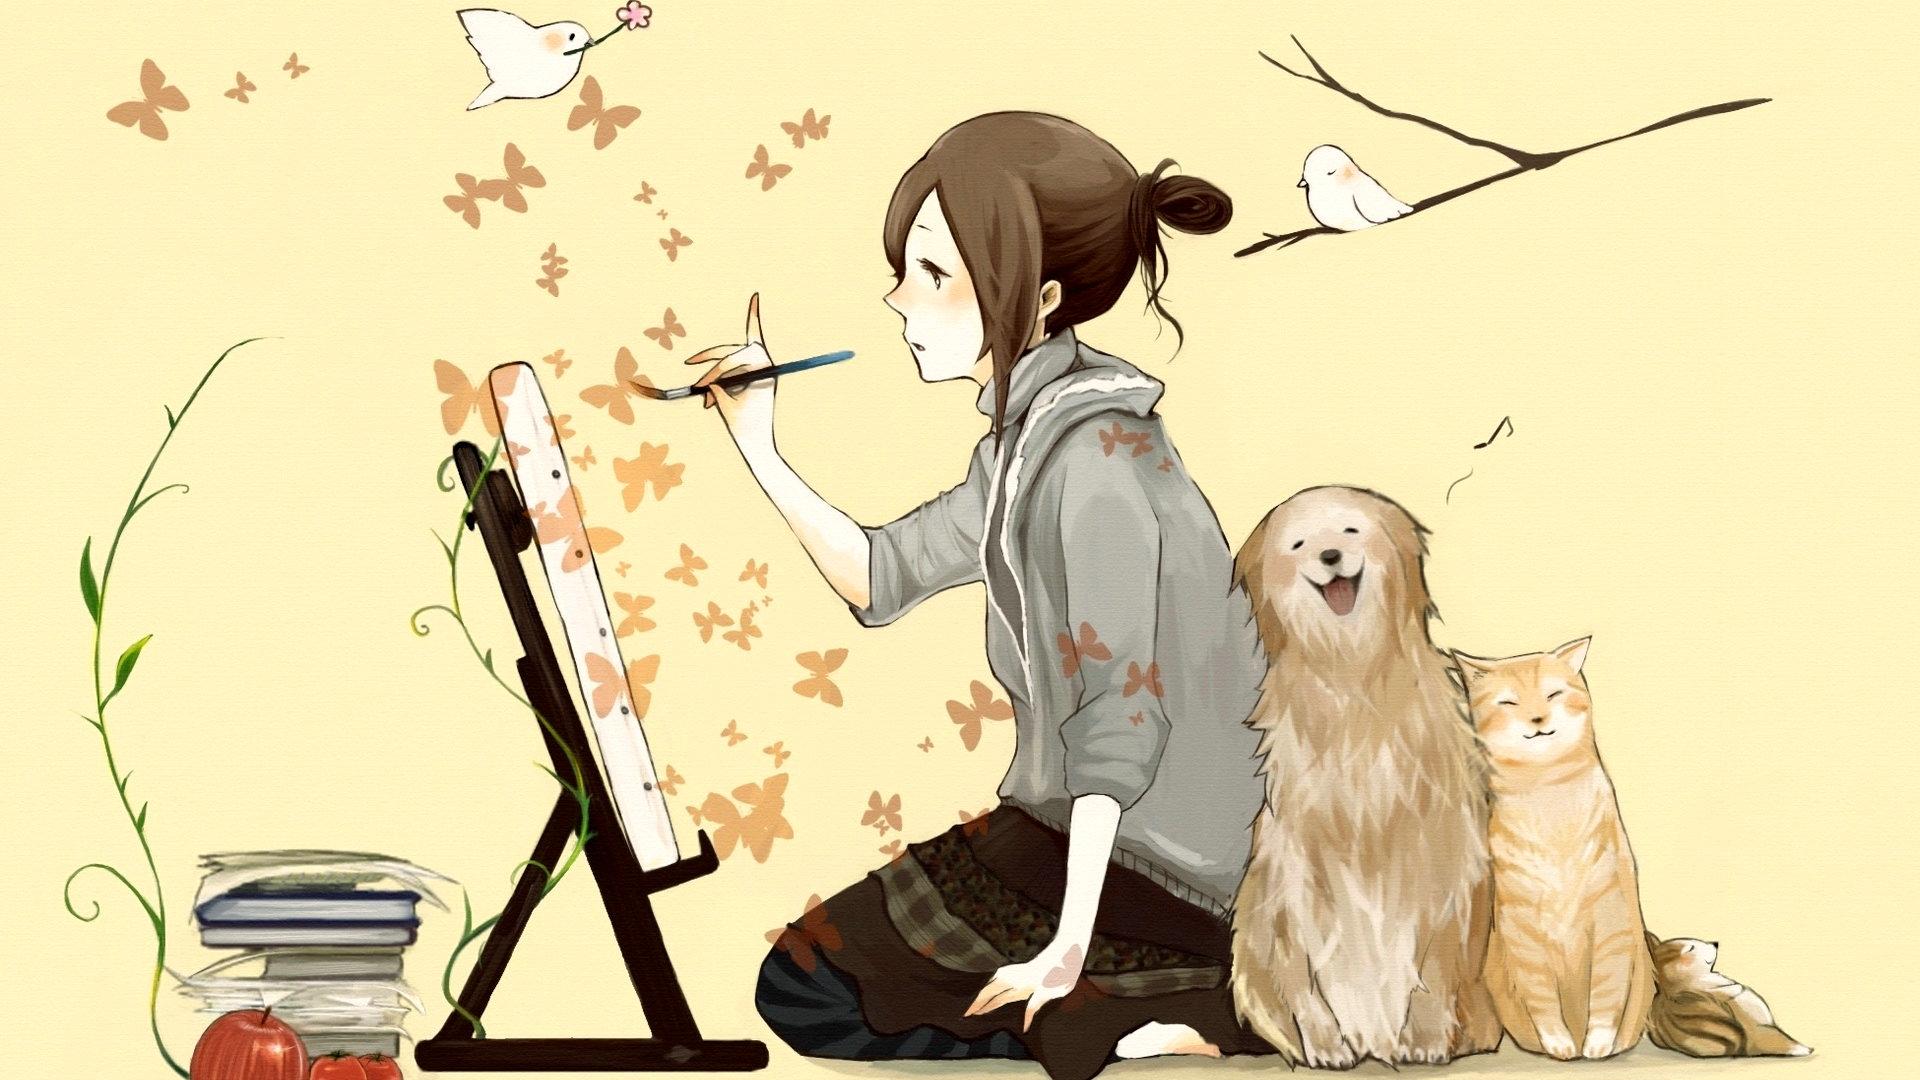 求动漫美少女和宠物在一起的图片